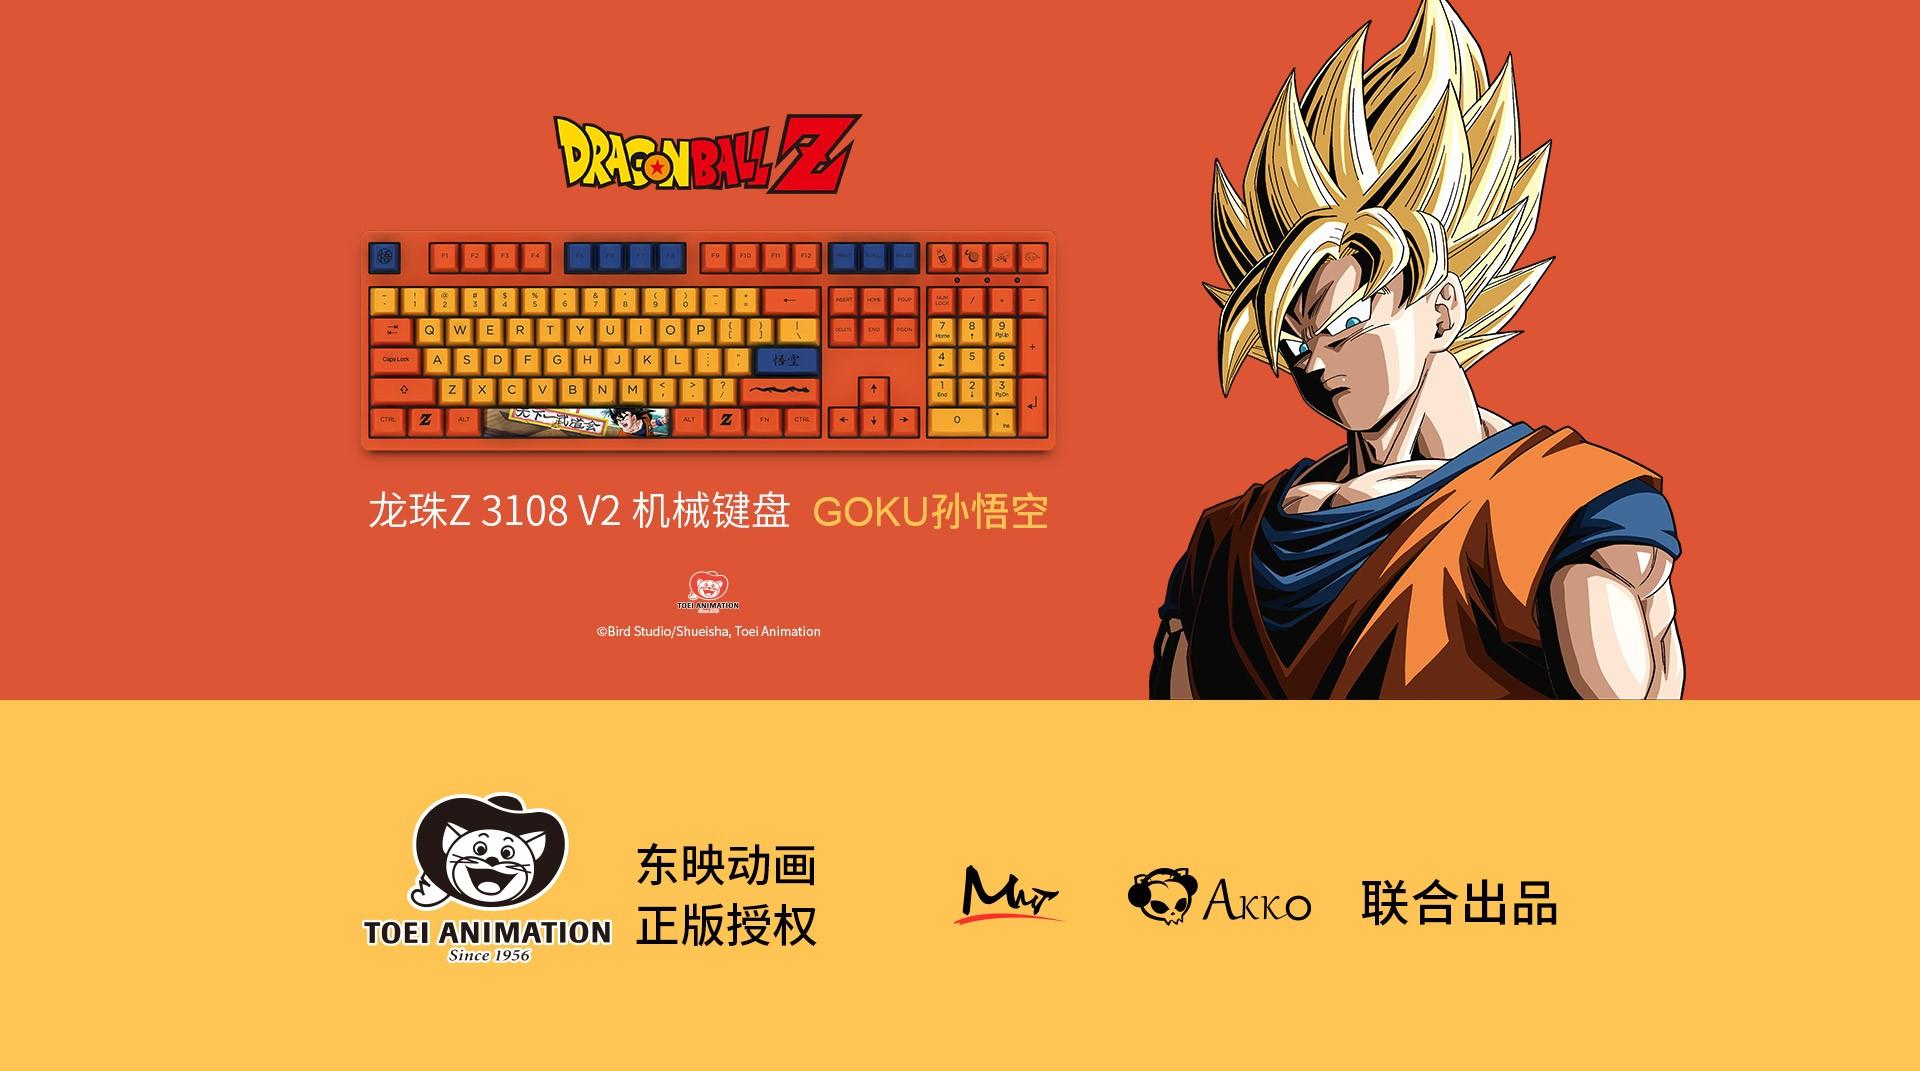 Bàn phím cơ Akko 3108 V2 Dragon Ball Z – SONGOKU